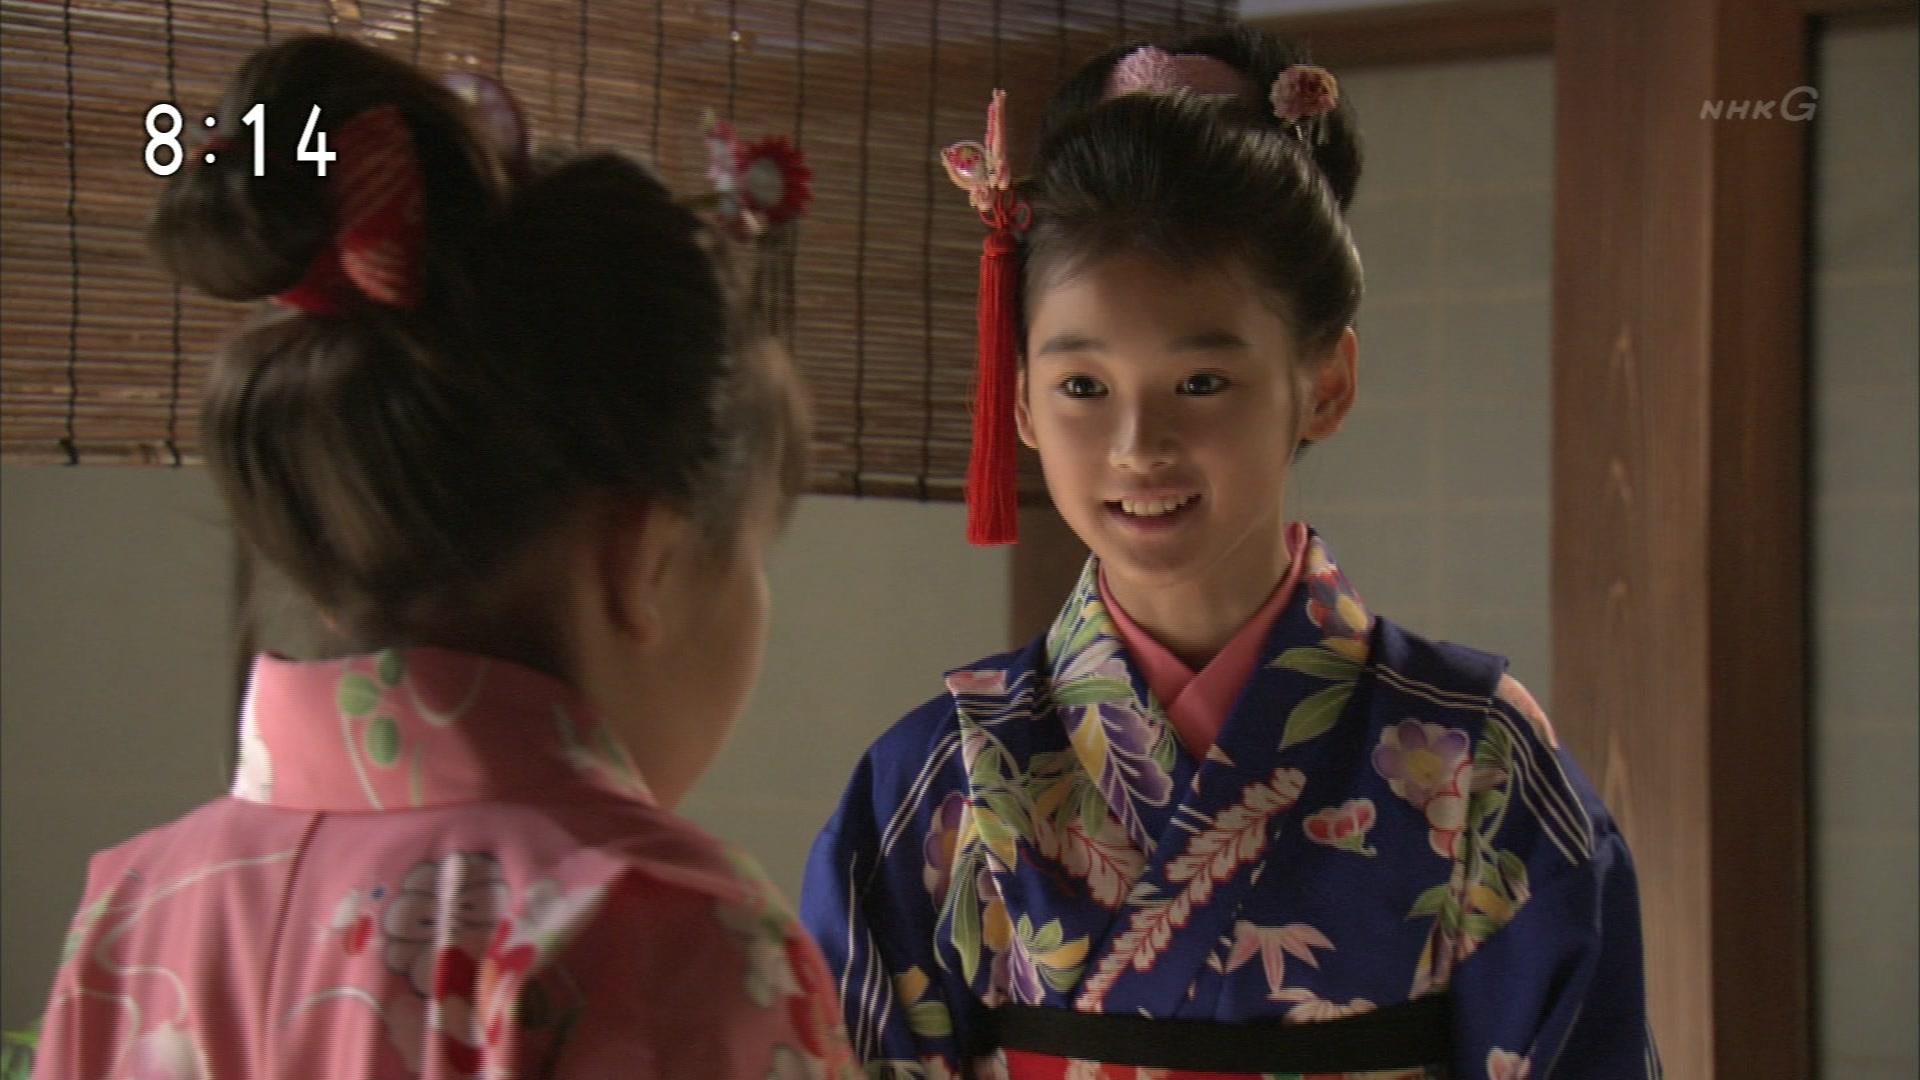 2015-09-28 08:00 連続テレビ小説 あさが来た(1)「小さな許嫁(いいなずけ)」 26521